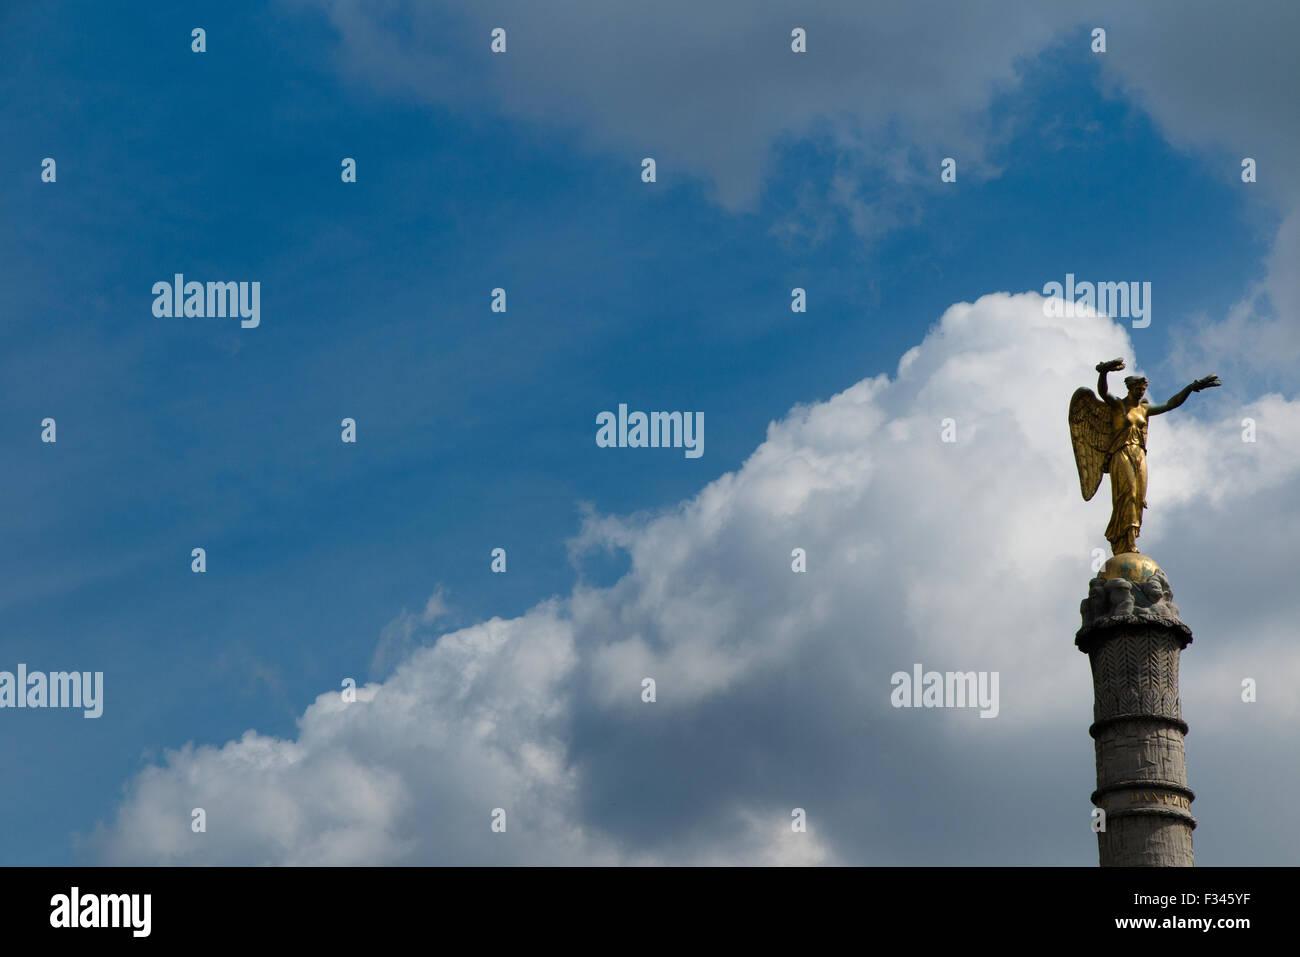 statue on column, Place de la Bastille, Paris, France - Stock Image